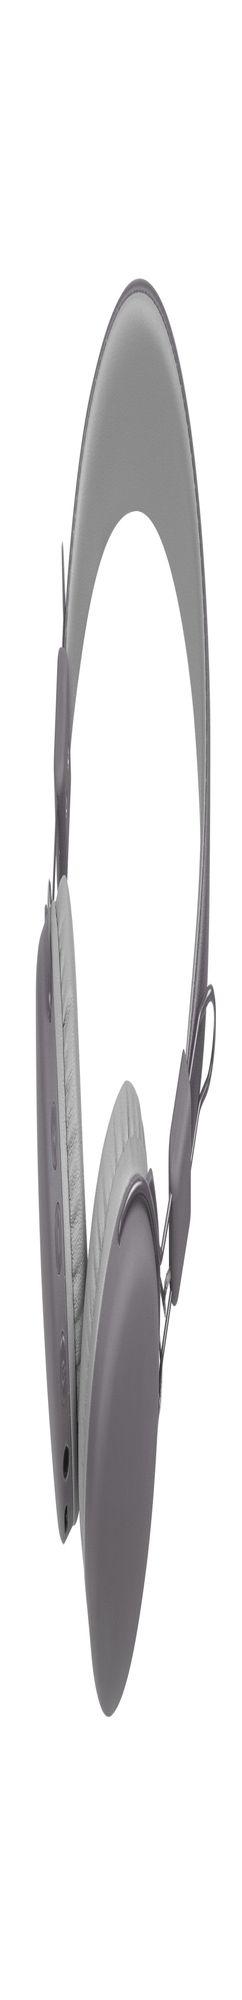 Наушники беспроводные Rombica Mysound BH-03, серые фото